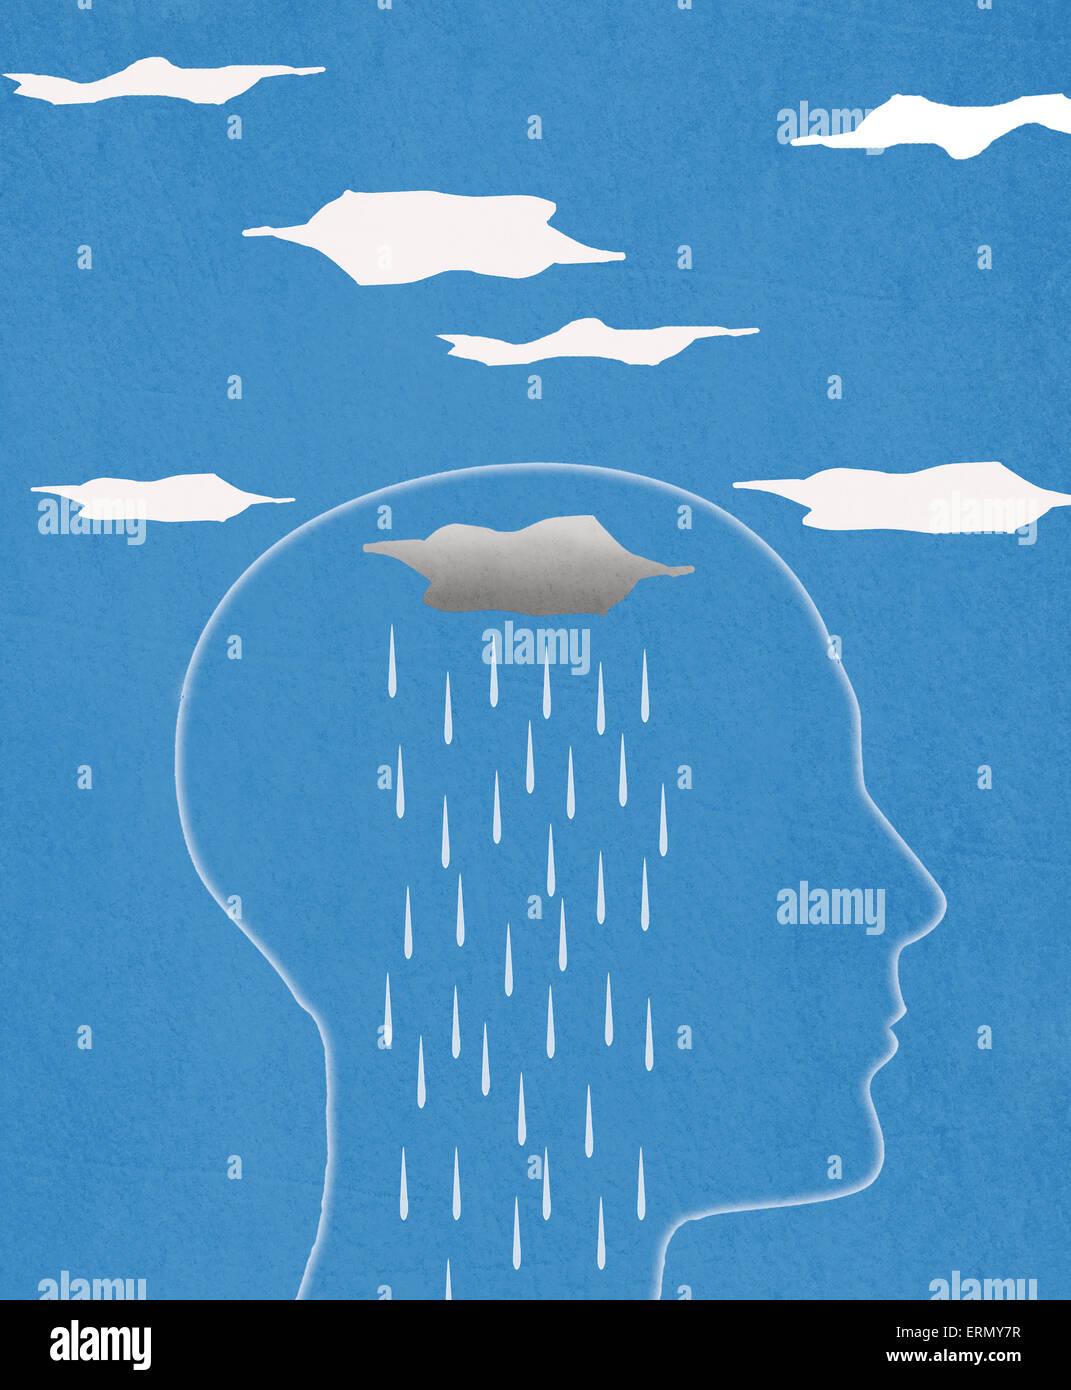 Silueta de la cabeza y la lluvia ilustración digital Imagen De Stock